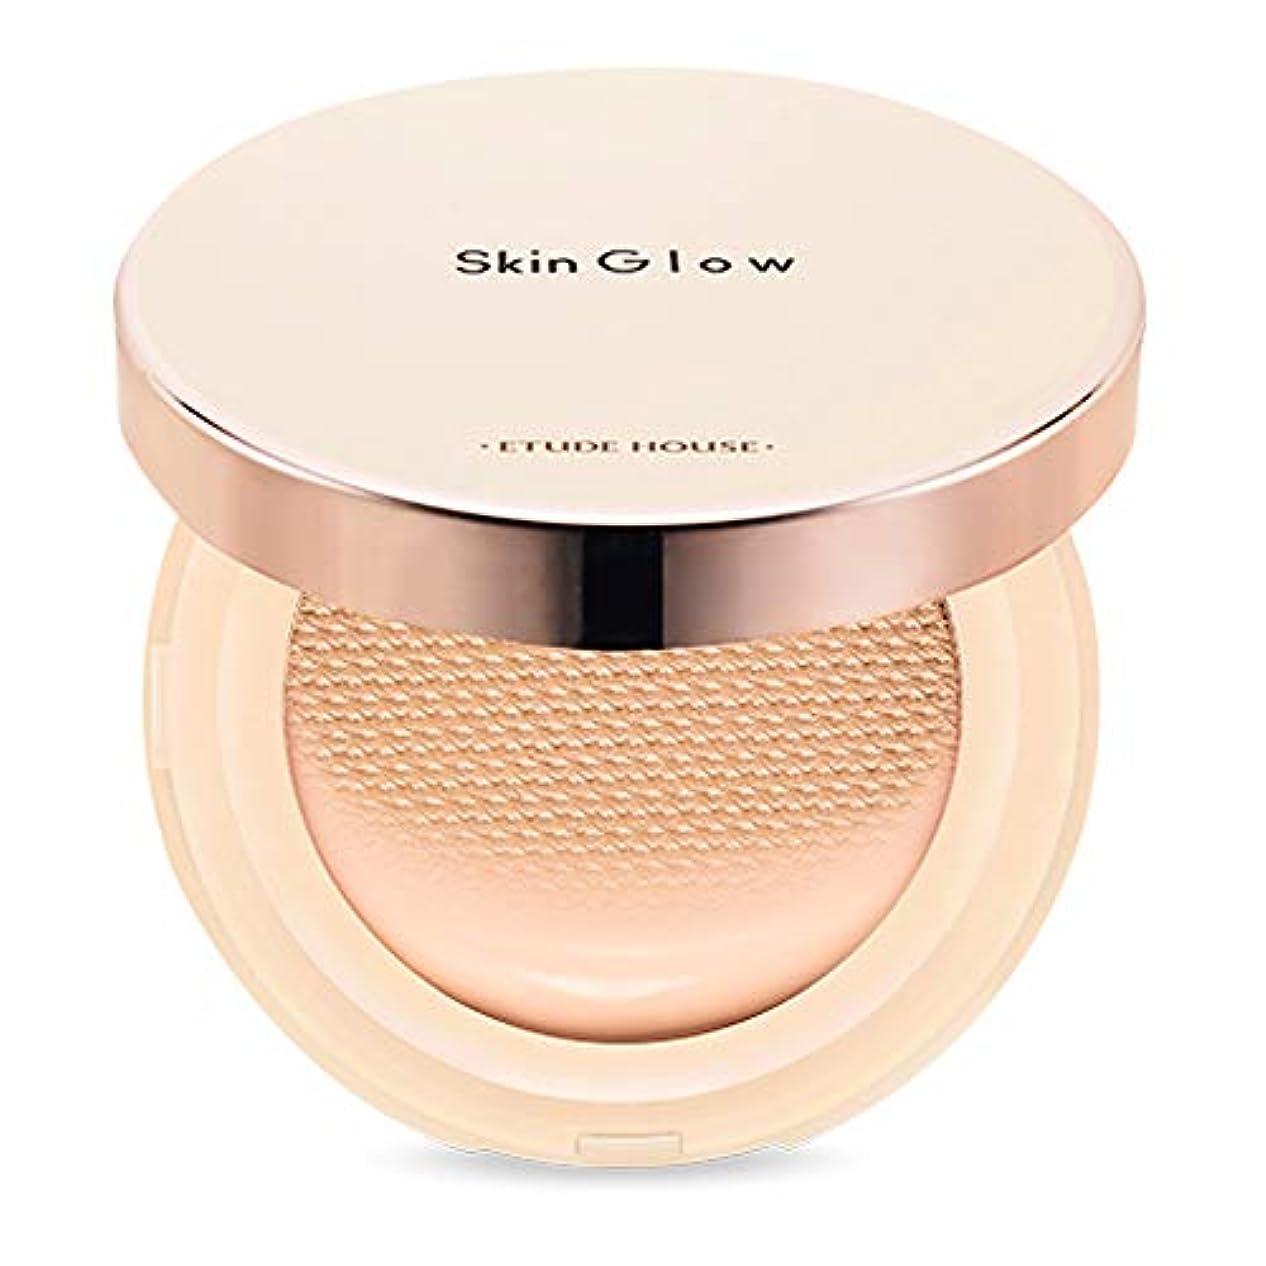 電話をかける屈辱する幻滅するEtude House Skin Glow Essence Cushion SPF50+/PA++++ エチュードハウス スキン グロー エッセンス クッション (# N04 Neutral Beige) [並行輸入品]